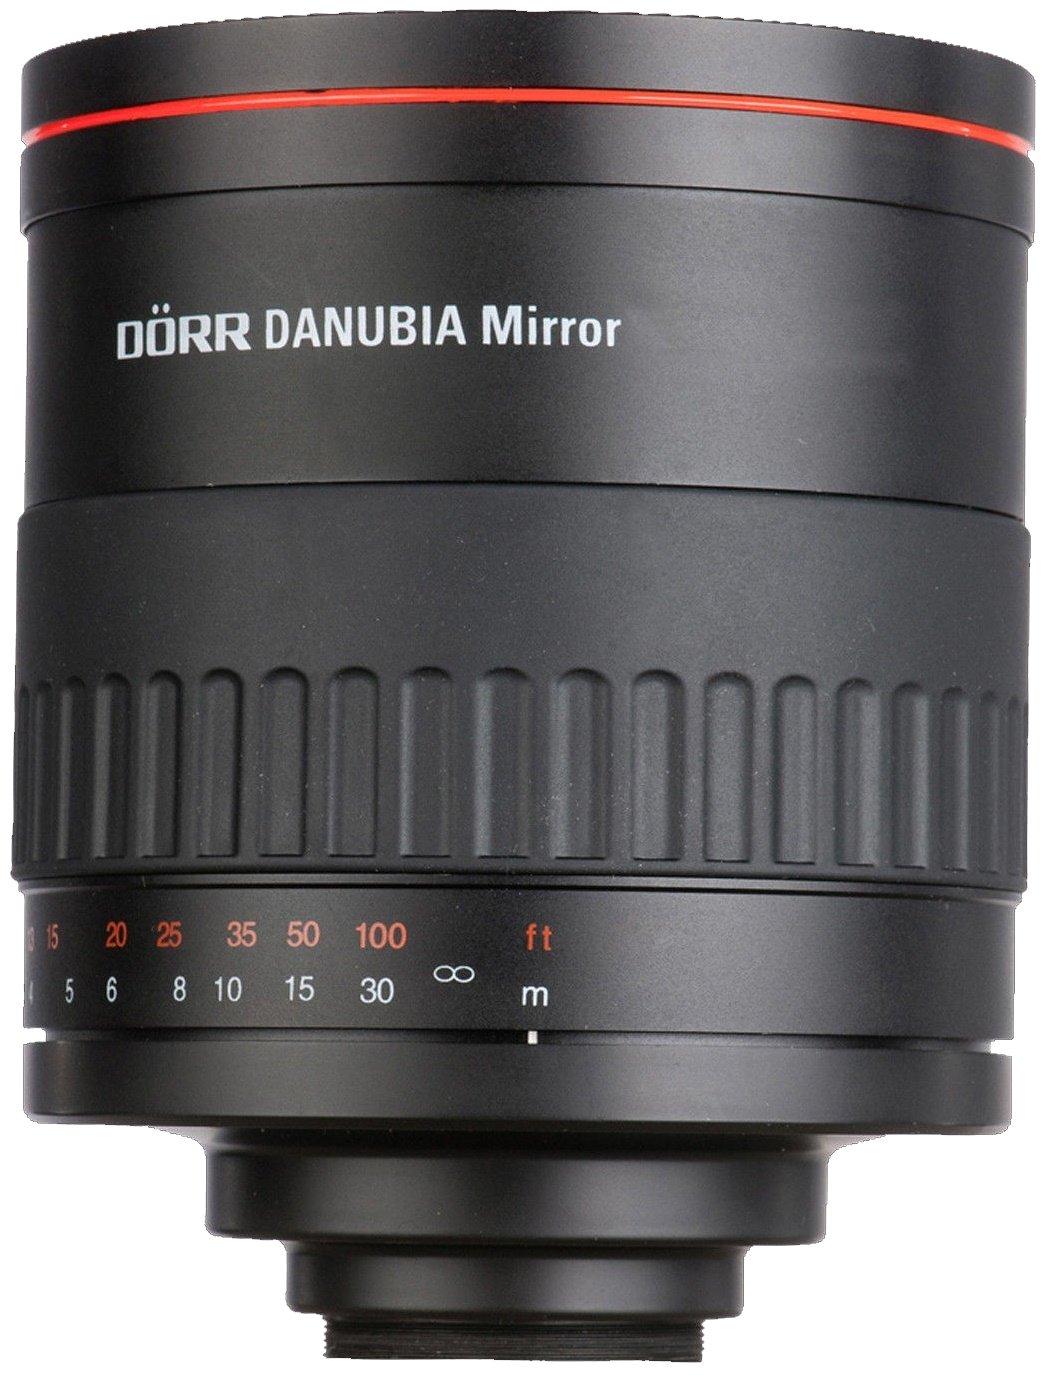 DORR DANUBIA 500 mm f/6,3 Mirror MC pro Canon EOS M